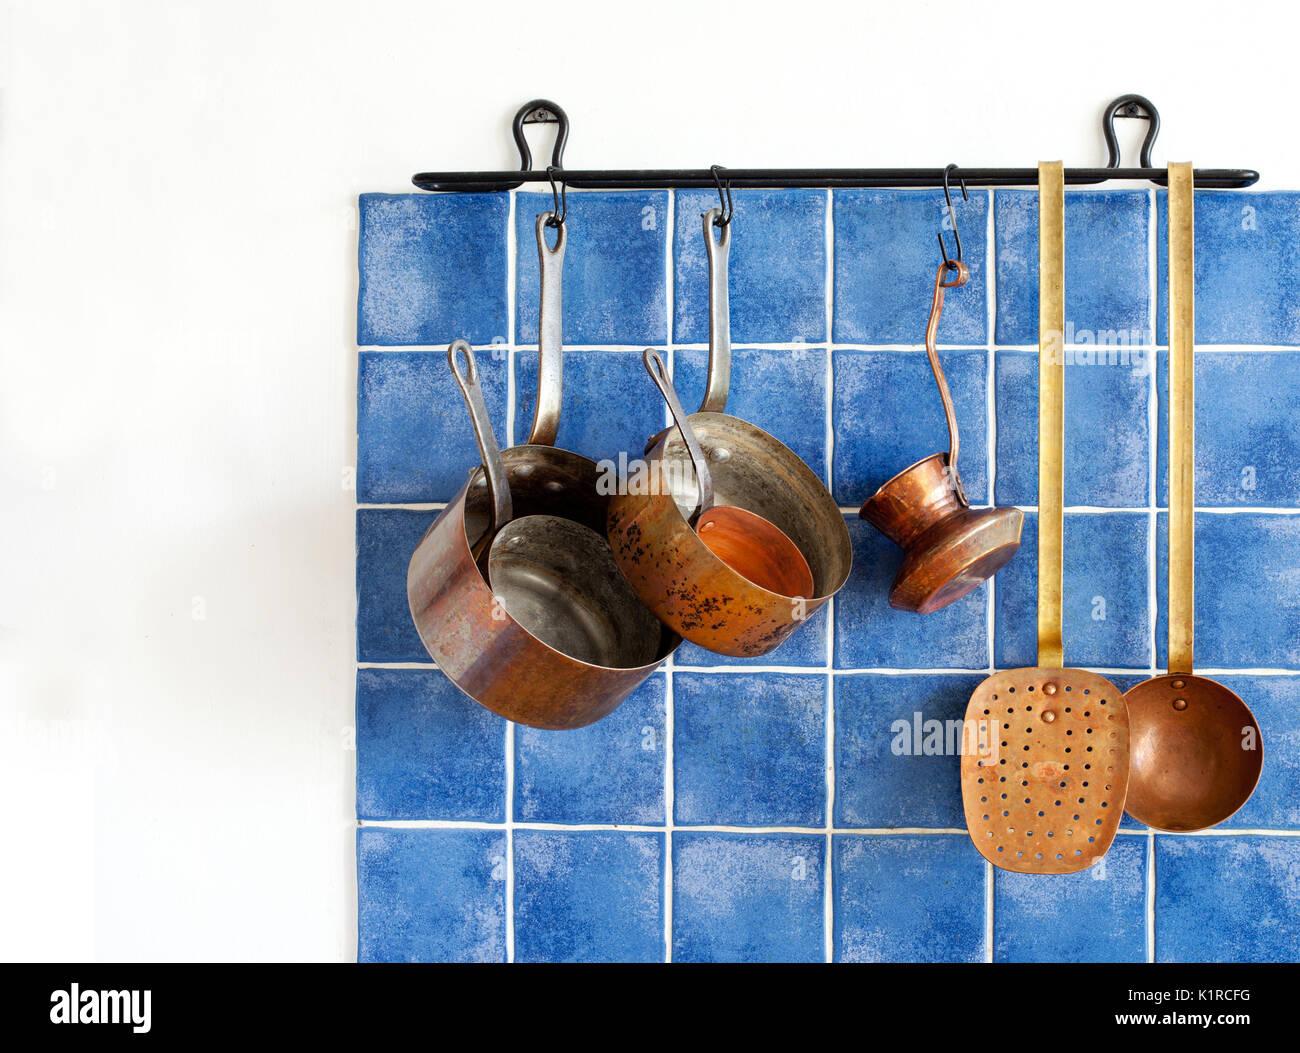 Küchengeräte. Hängende Retro Design Kupfer Küchenutensilien ...